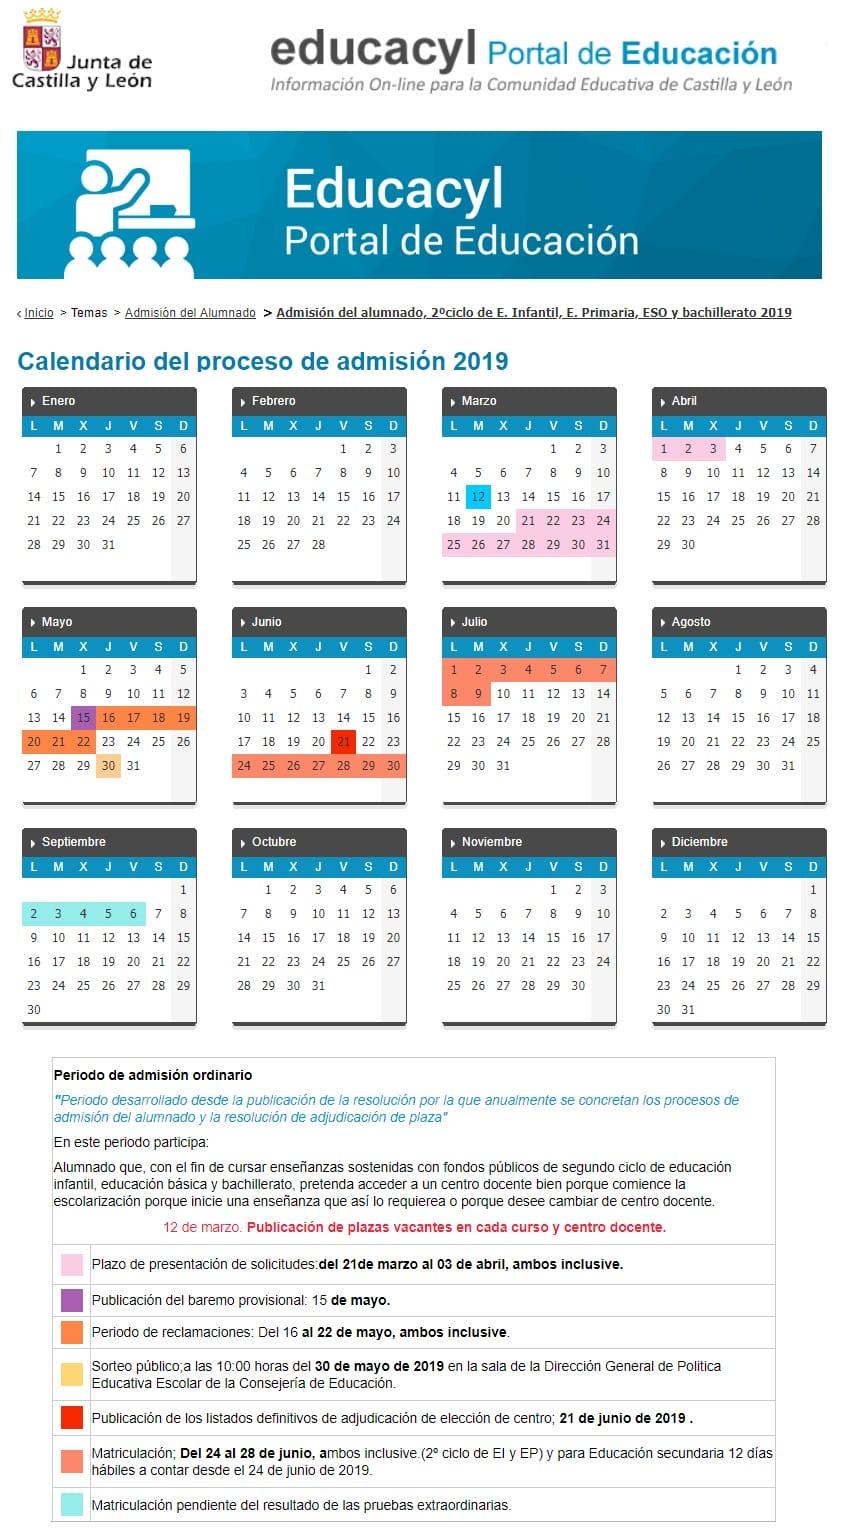 Calendario Educacyl.Calendario Proceso De Admisiones 2019 20